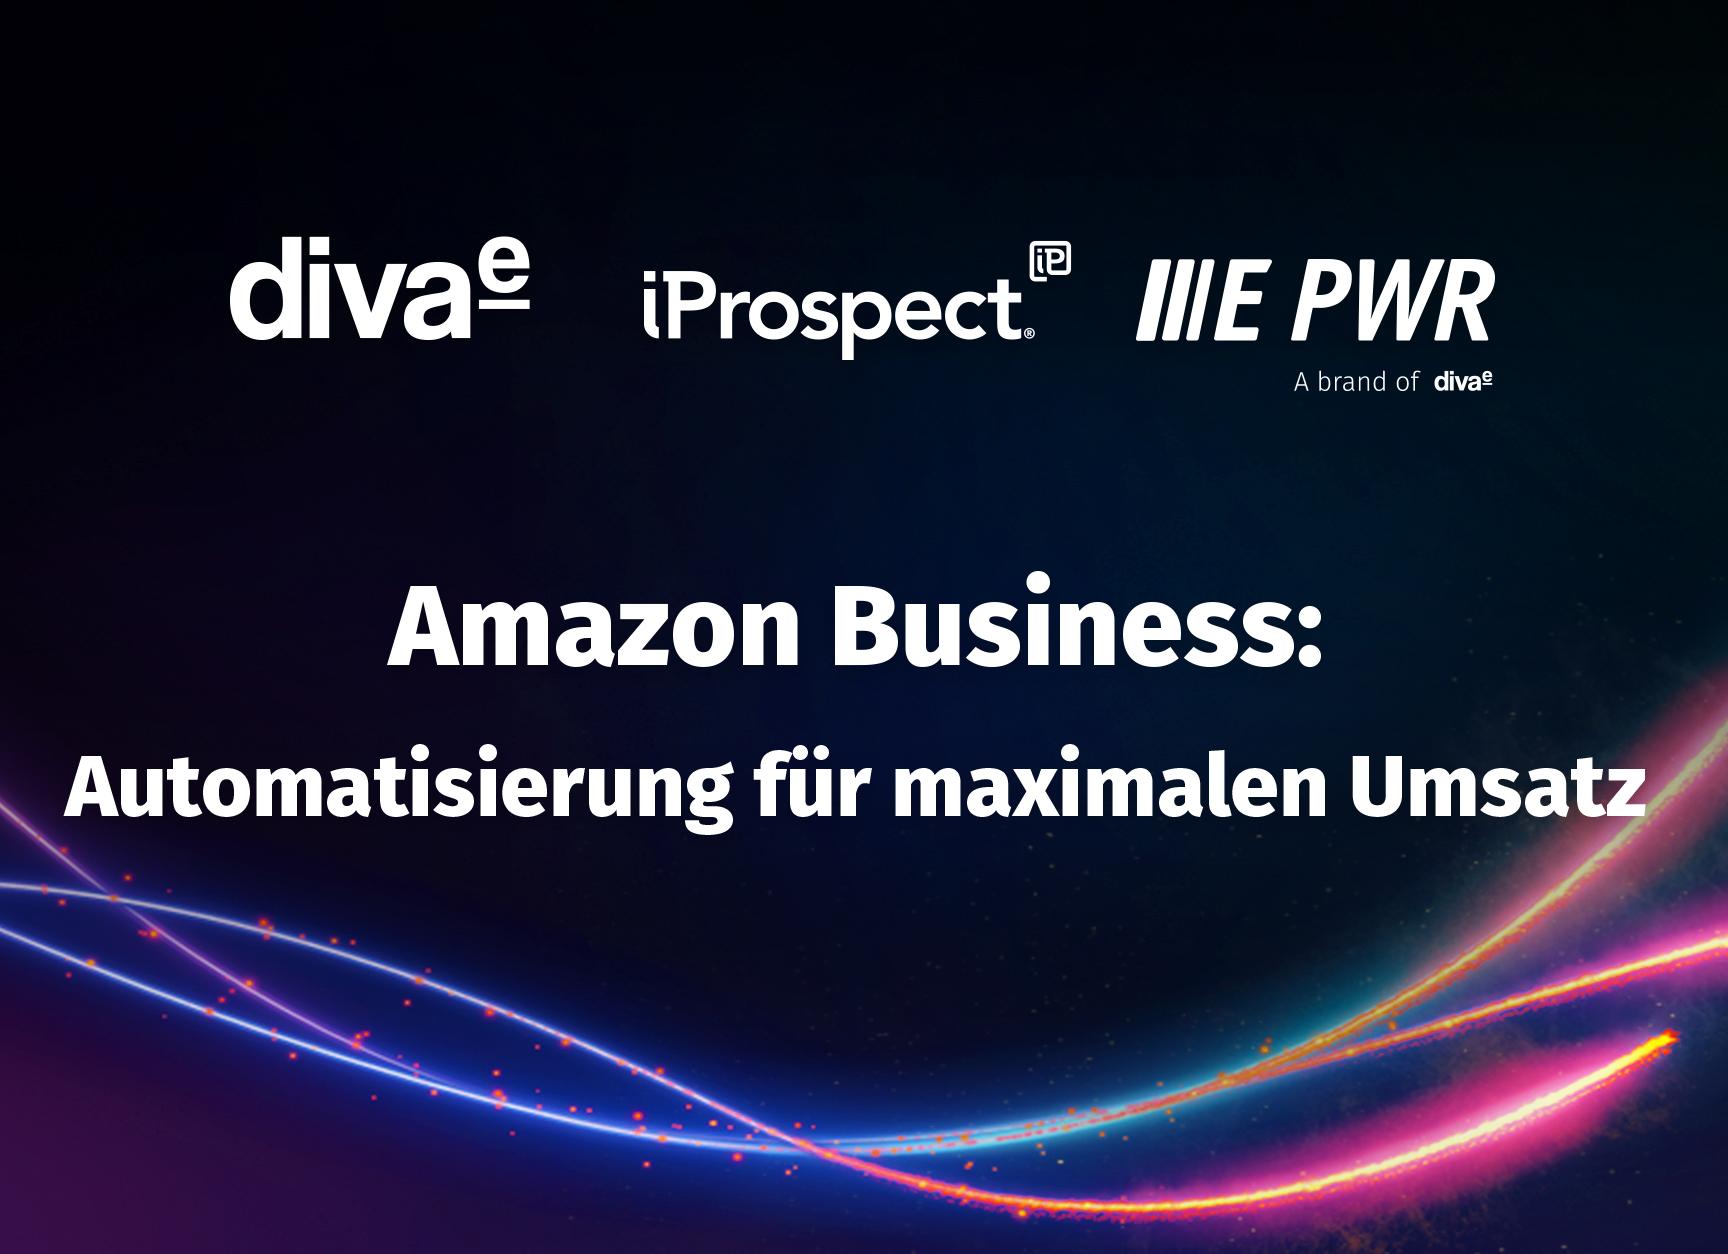 Webinar: Umsatzsteigerung bei Amazon durch Automatisierung